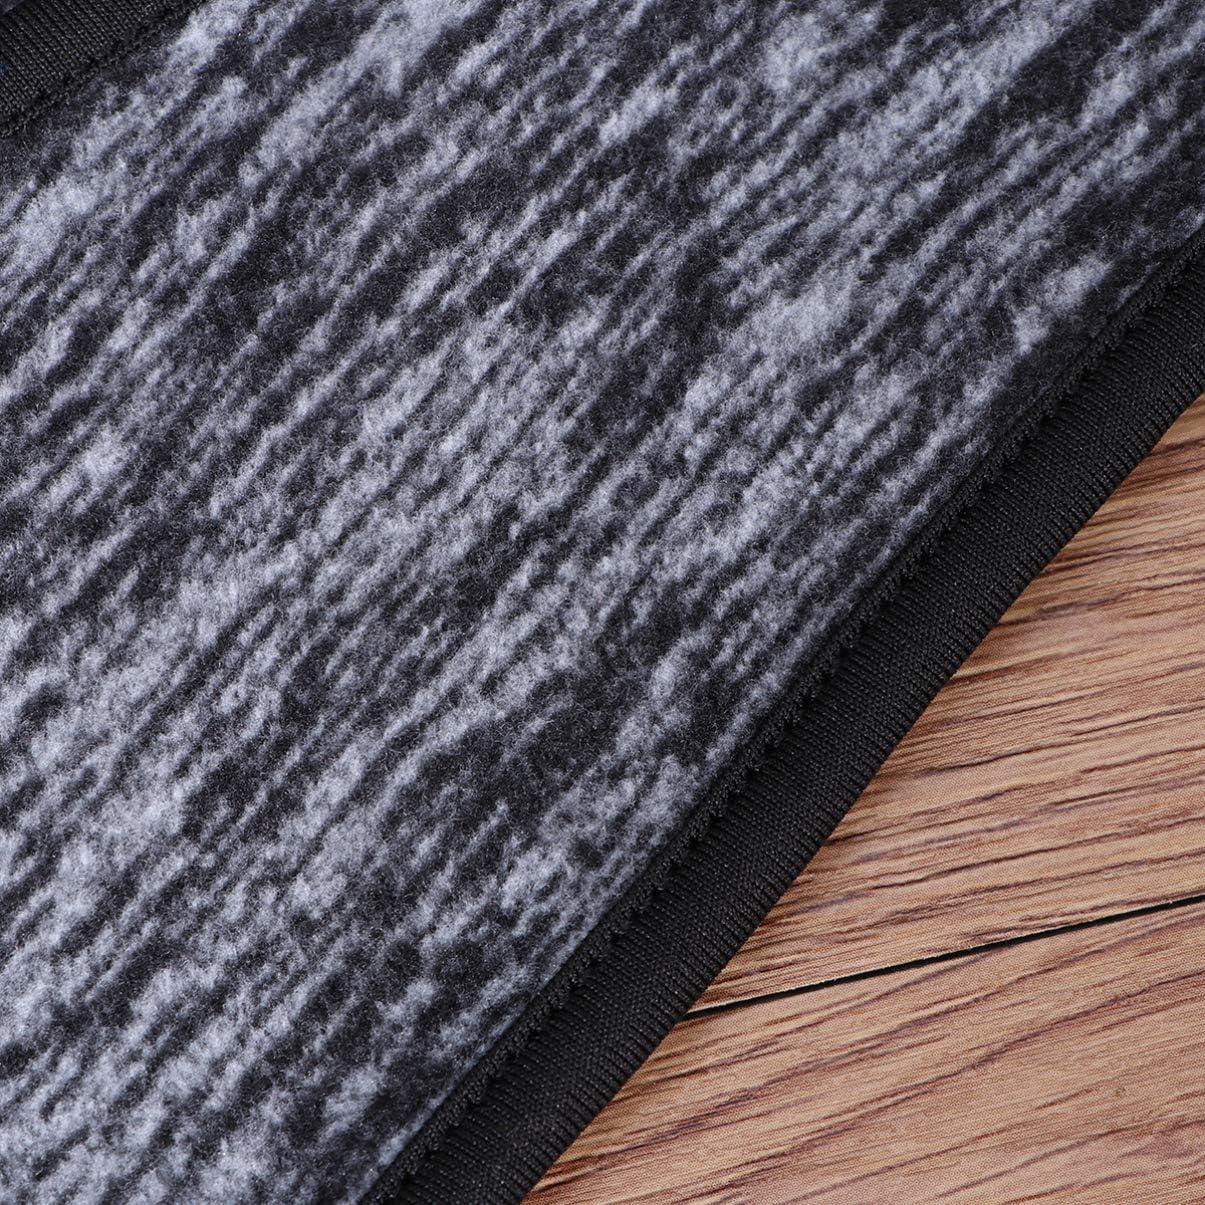 Exceart 3 Pz Scaldini Archetto Paraorecchie Archetto Pile Pile Paraorecchie Sport Copricapo Invernali Copricapo Fascia da Sci Sci da Corsa Fascia Grigio Blu Viola